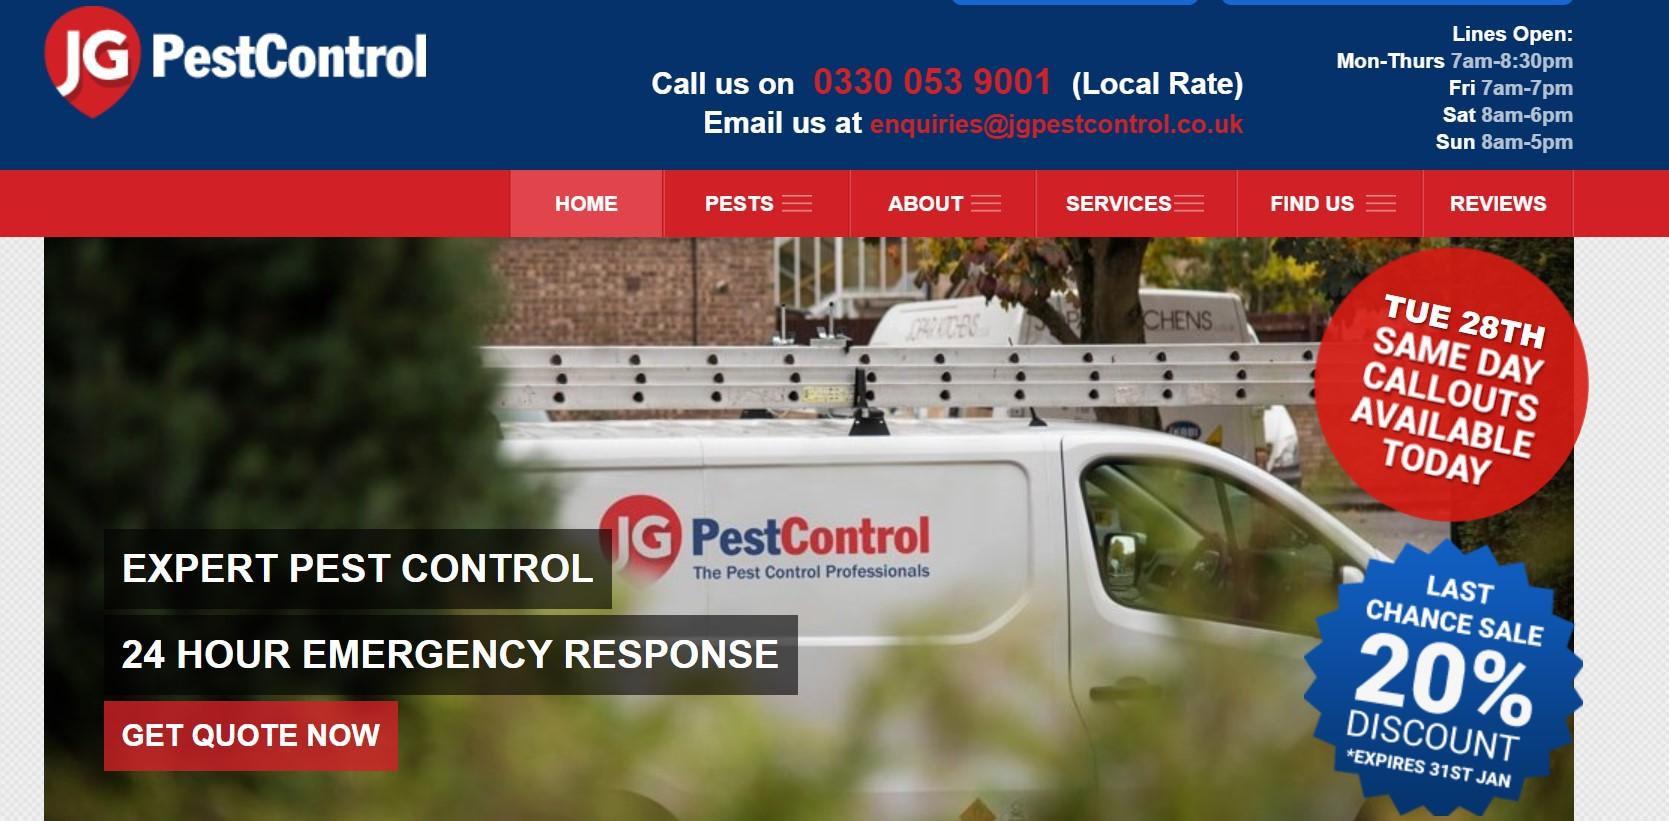 JG Pest controls services london